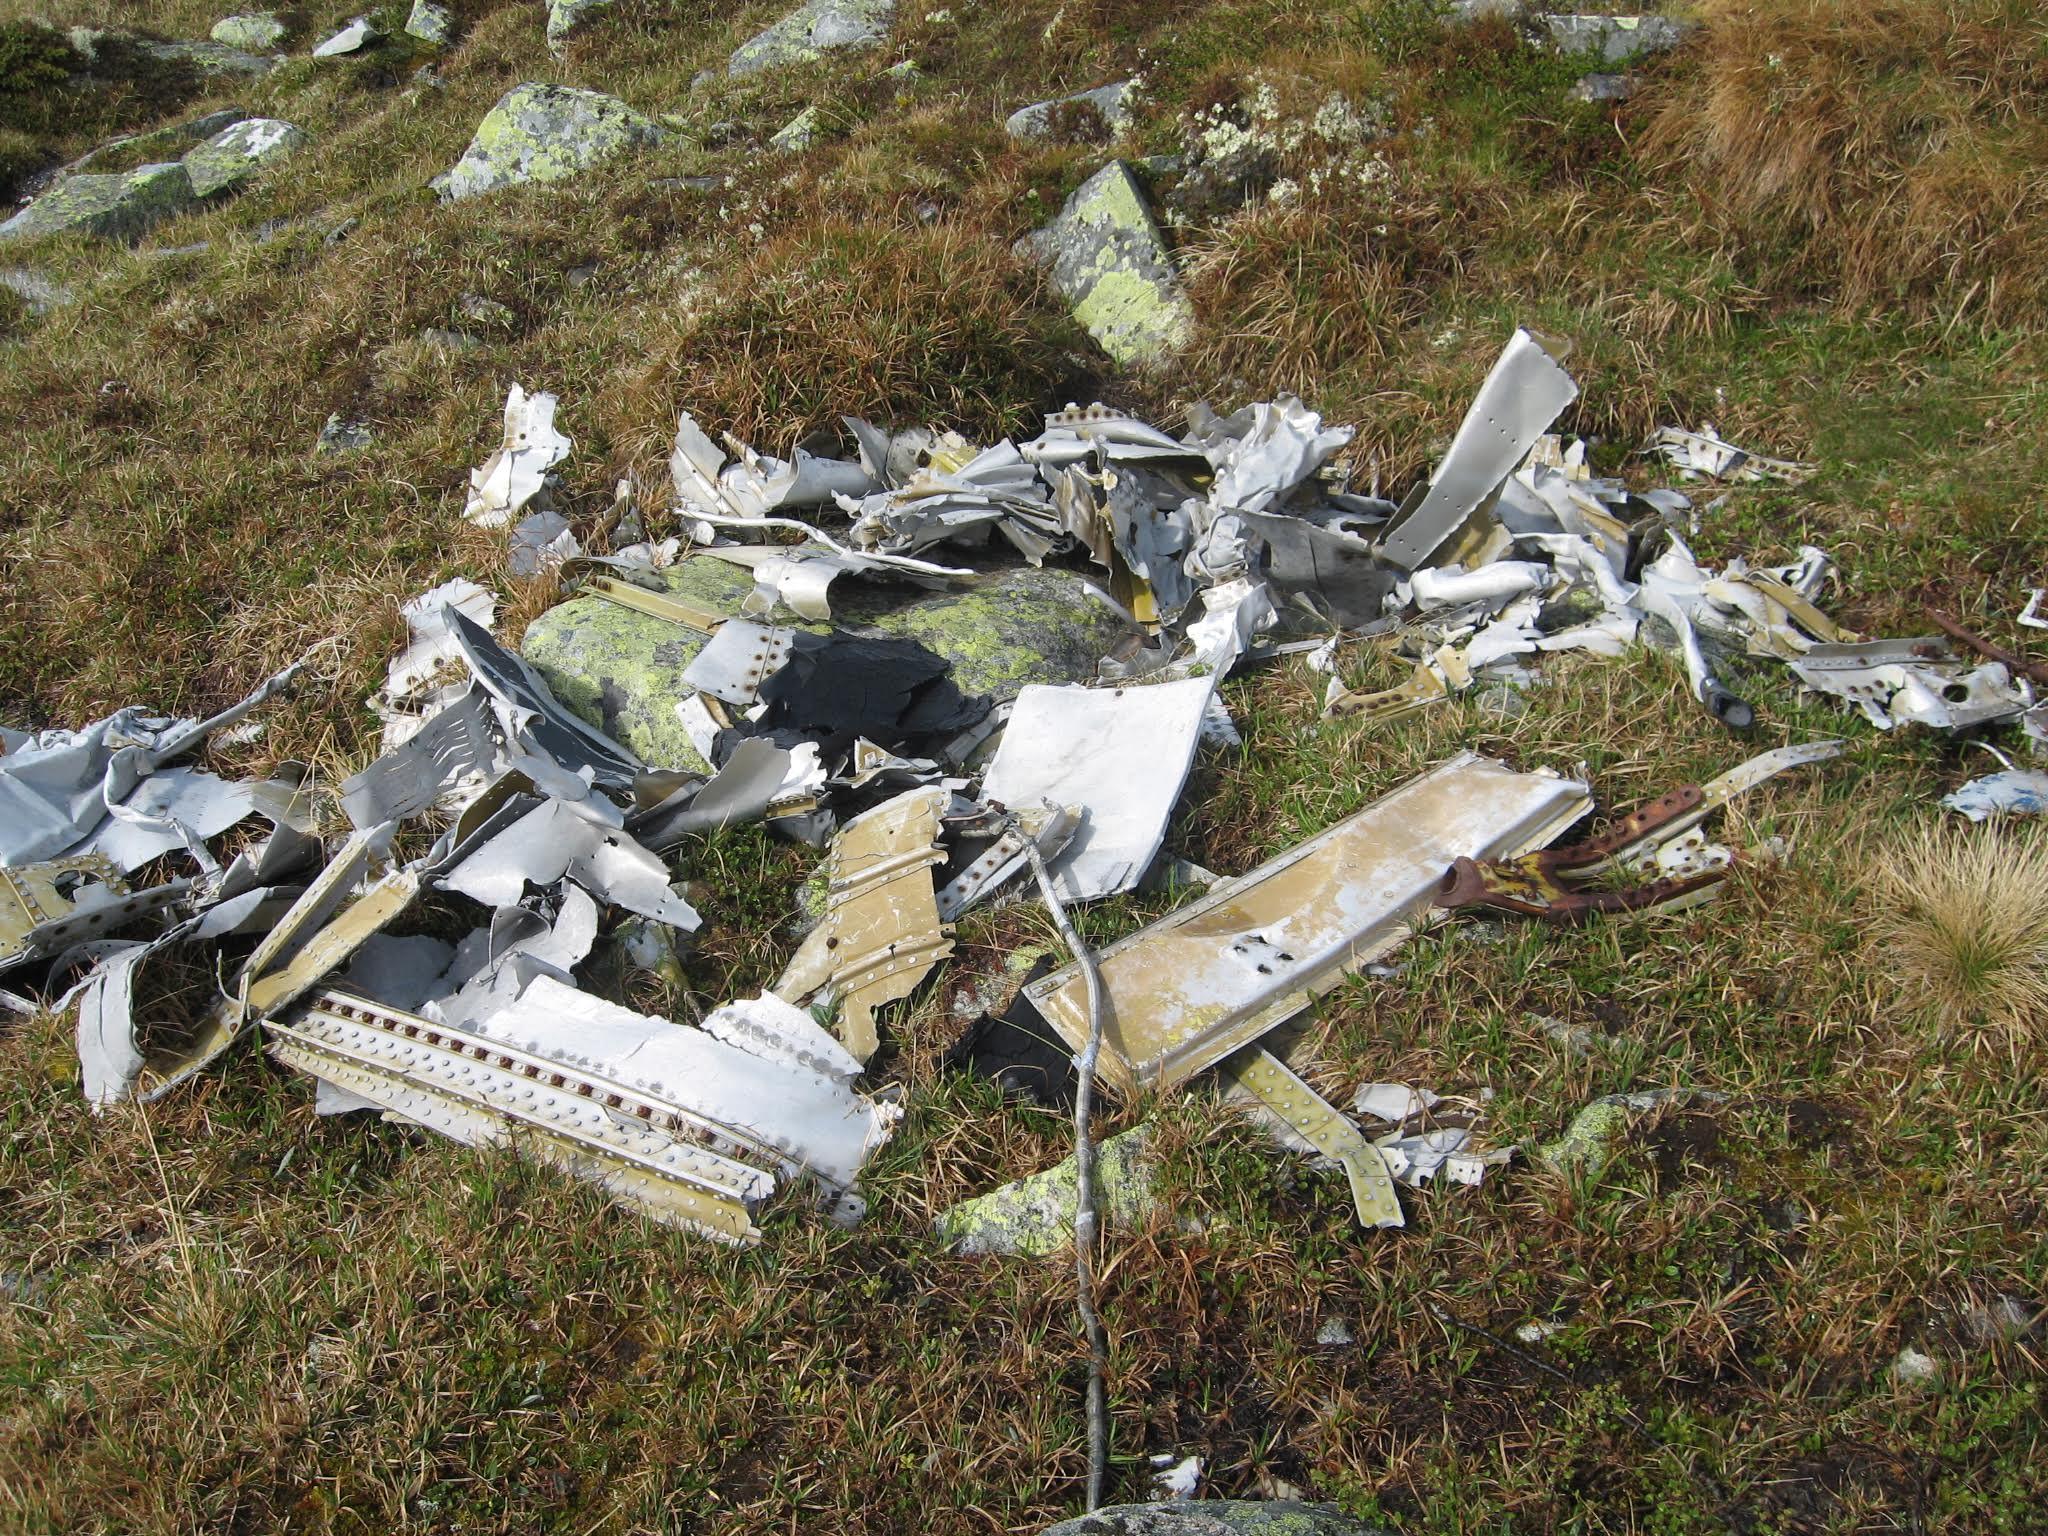 Rester fra flyvrak, © Karin Rø